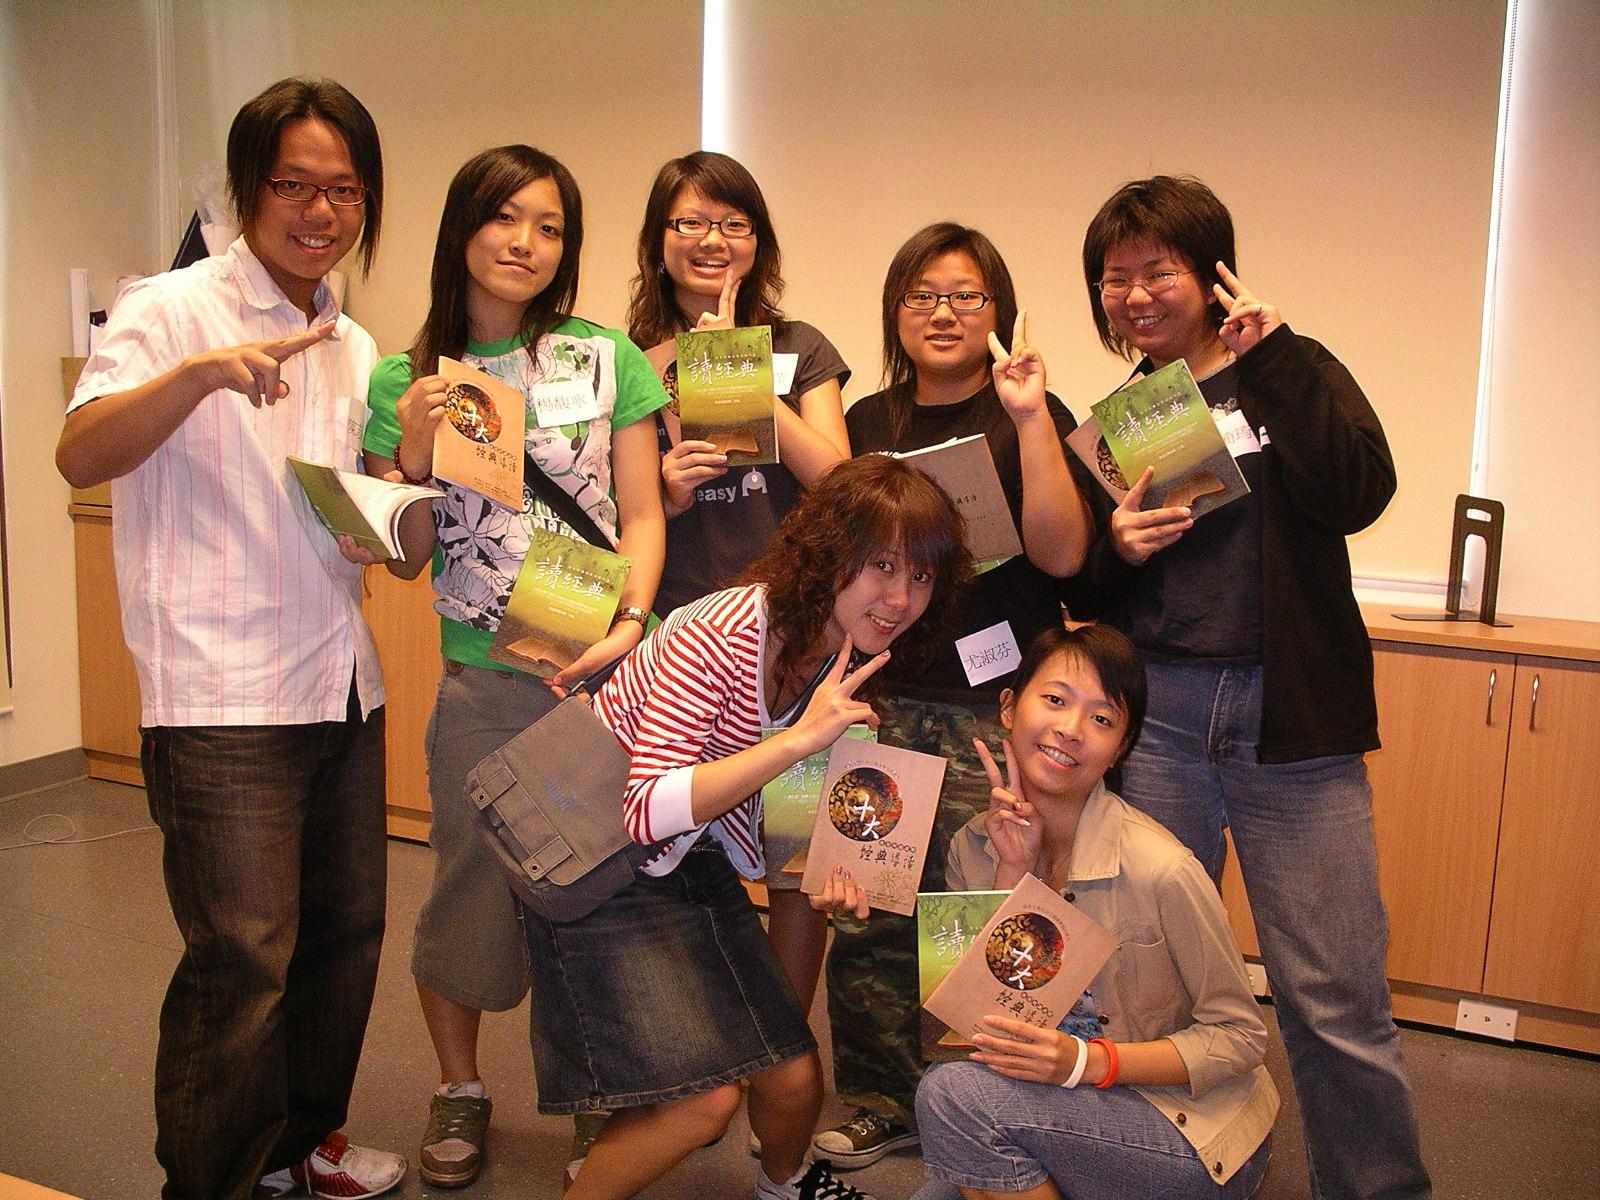 中原大學七名學生 一年讀完十大經典名著